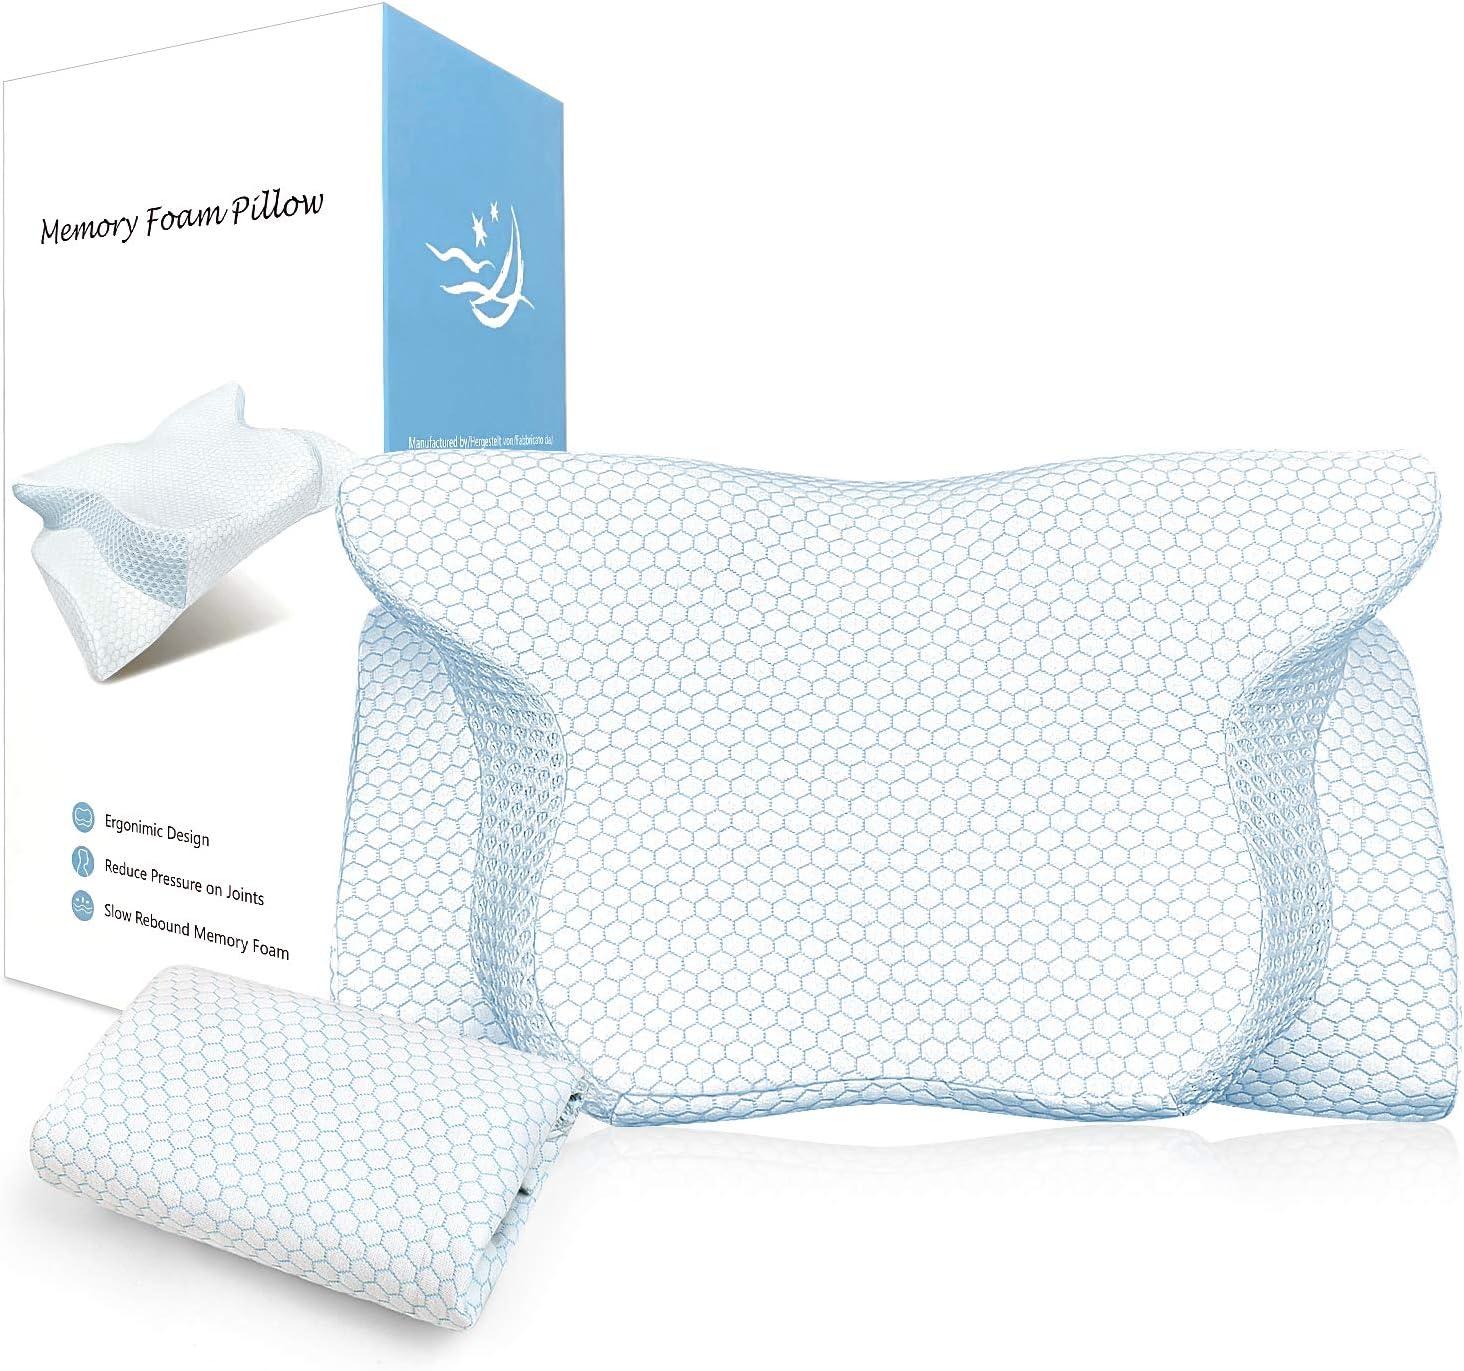 BESFAN Contour Memory Foam Pillow